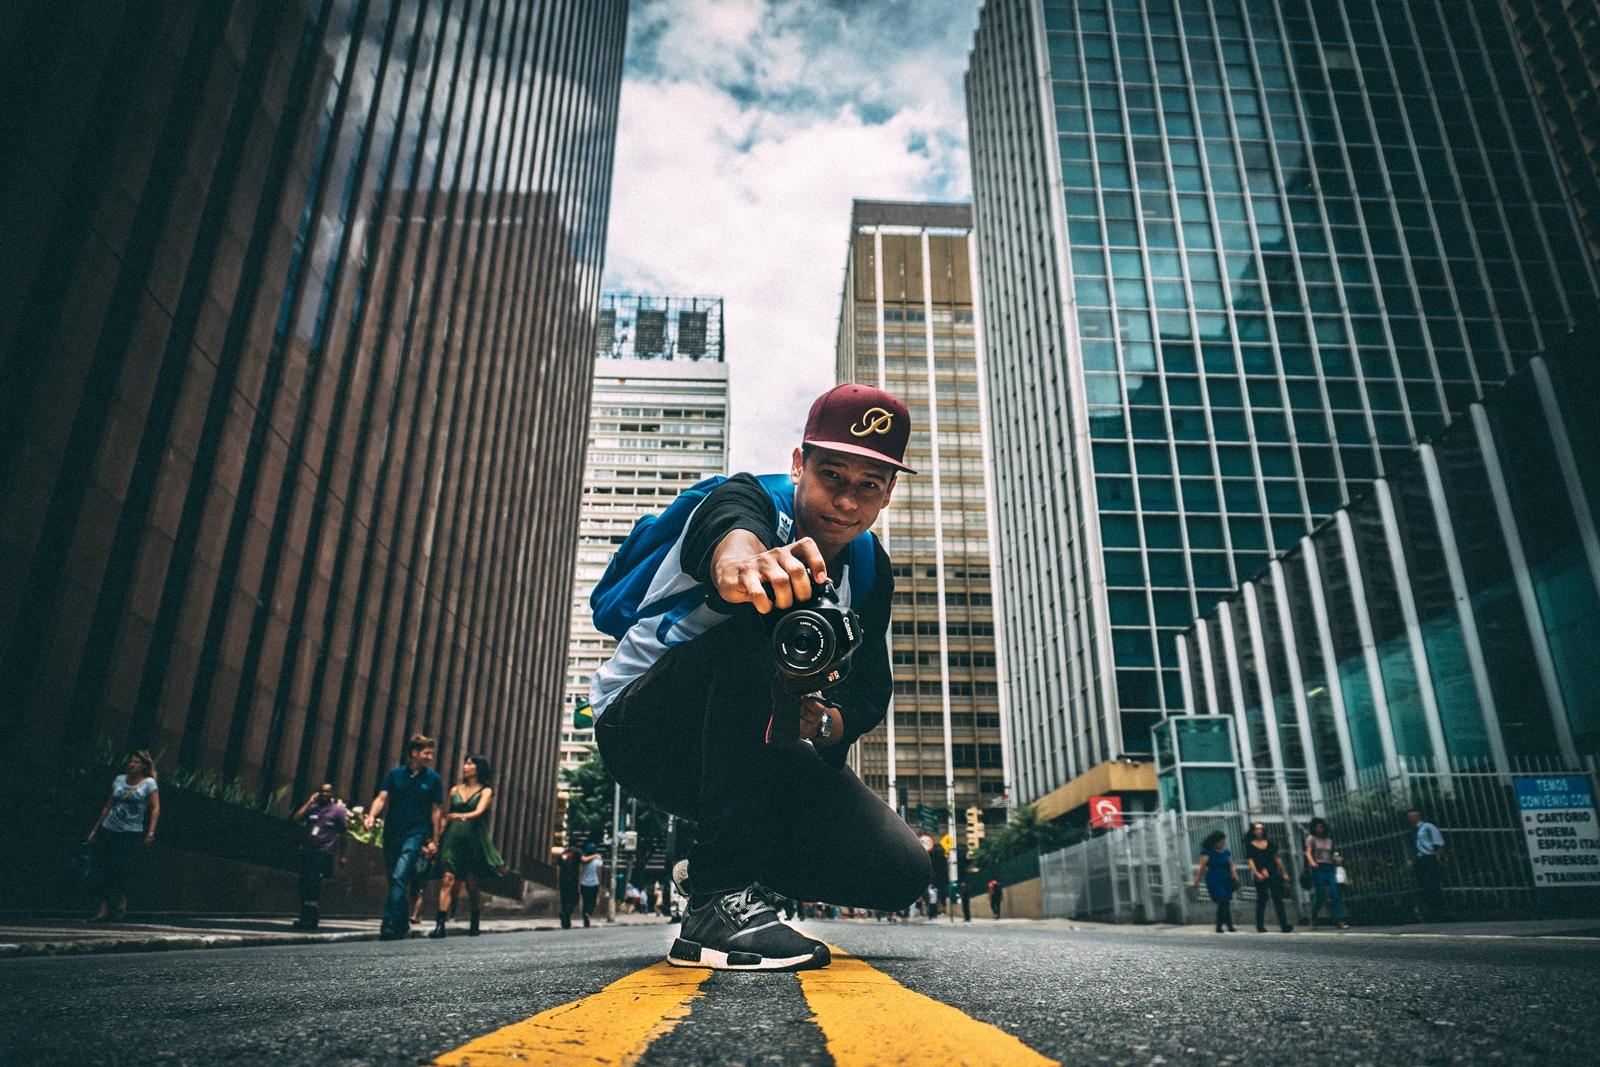 Street Photography Tipps für Instagram und Hashtags